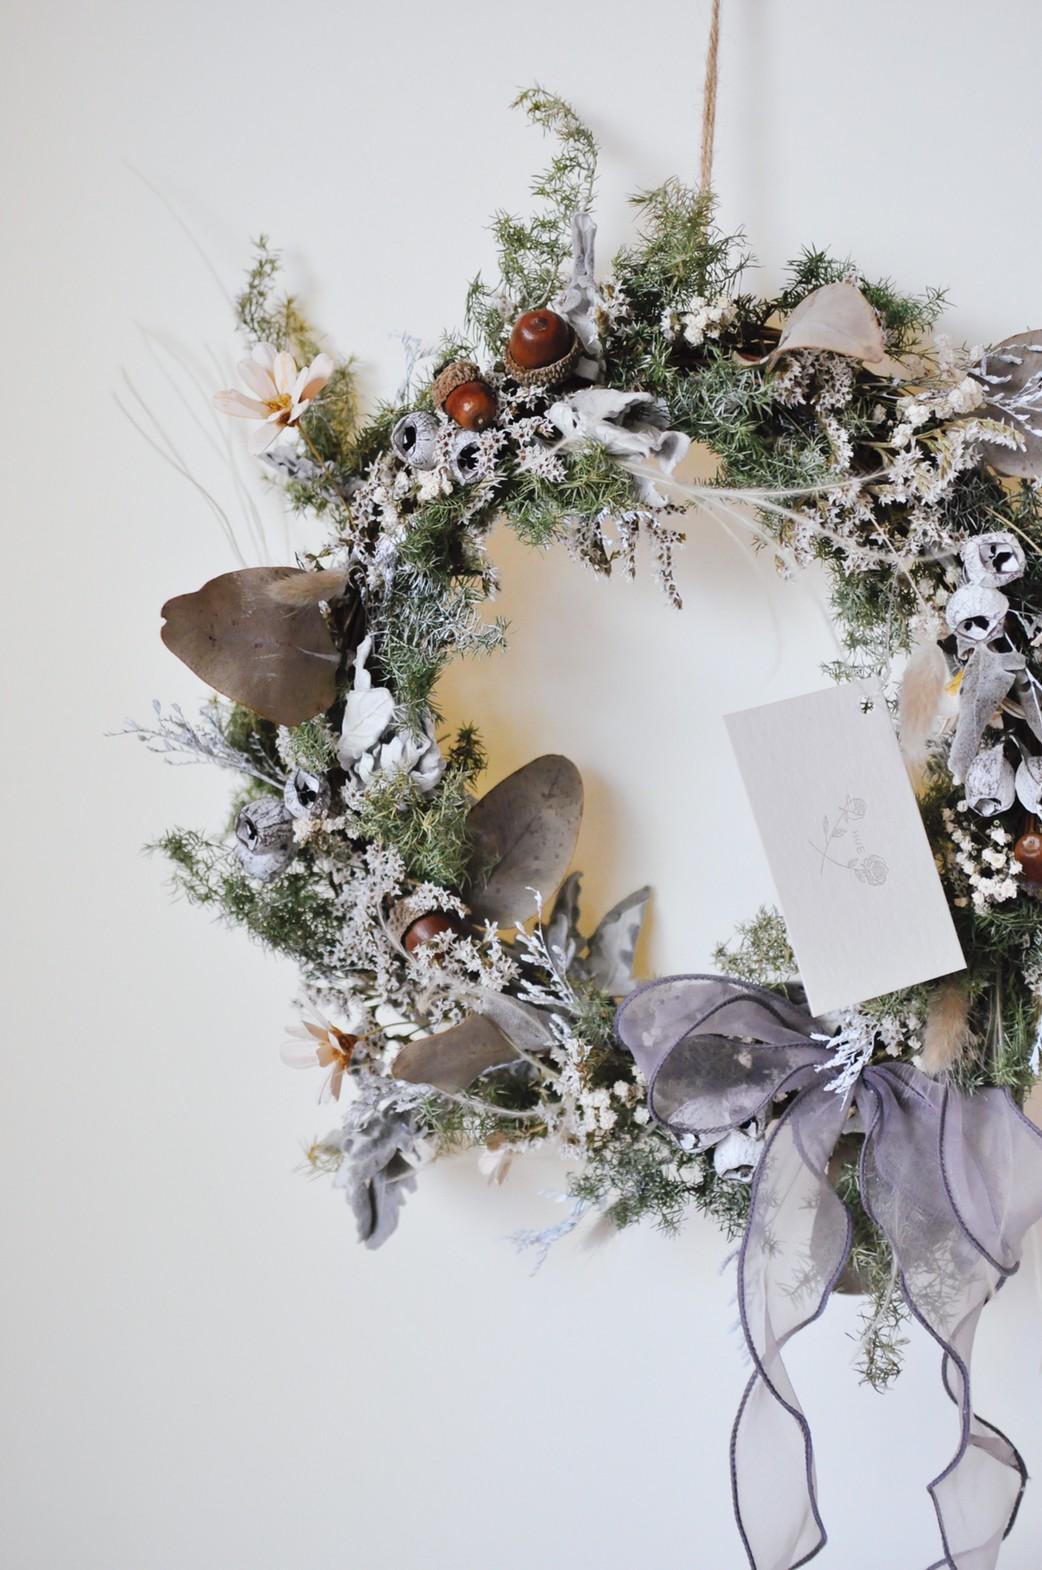 聖誕花圈 |HUE詼-乾燥花藝設計